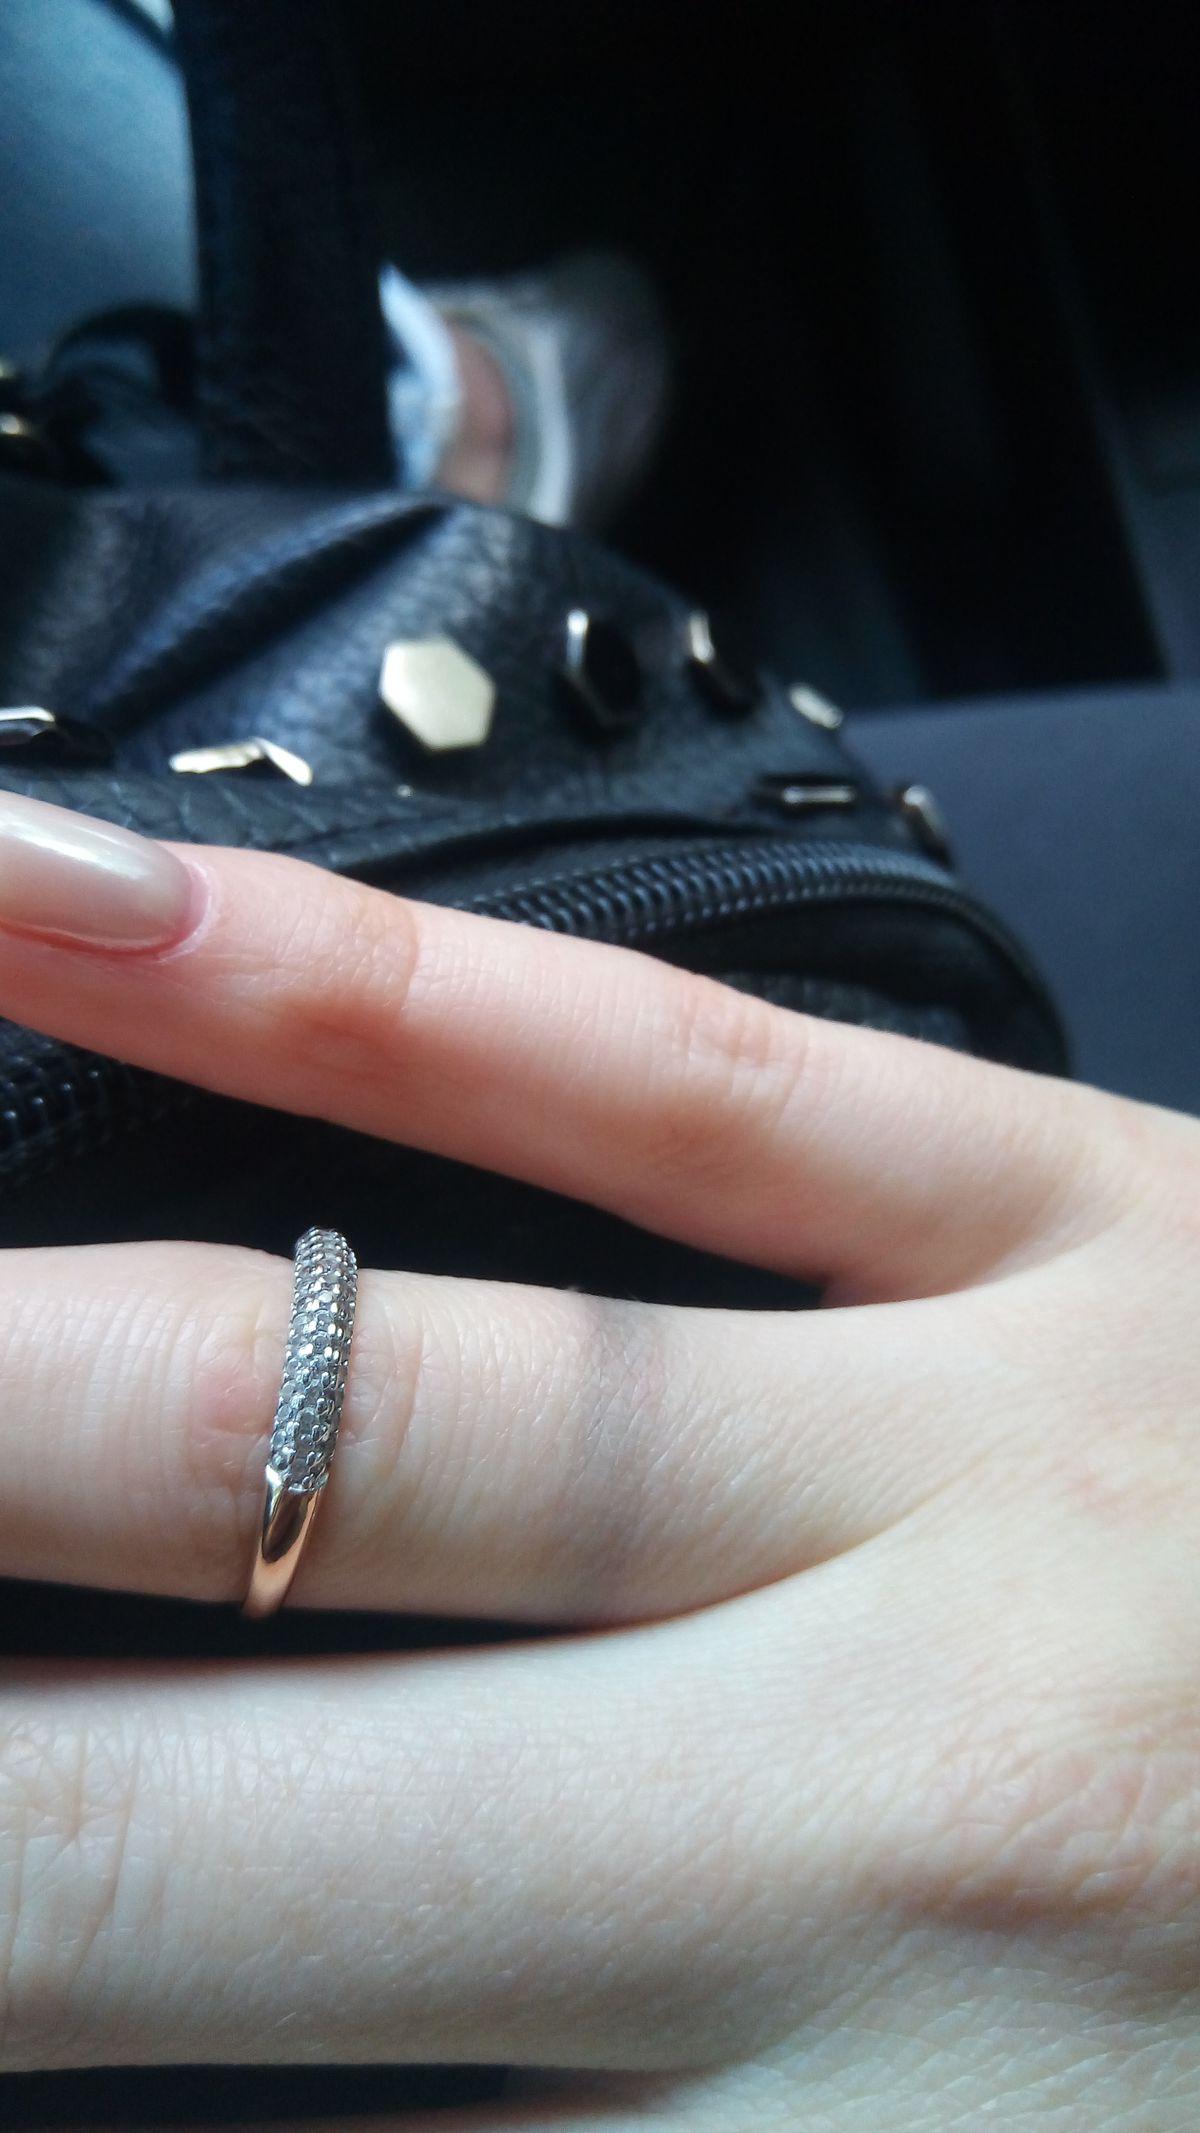 Хорошее кольцо, но с изьяном